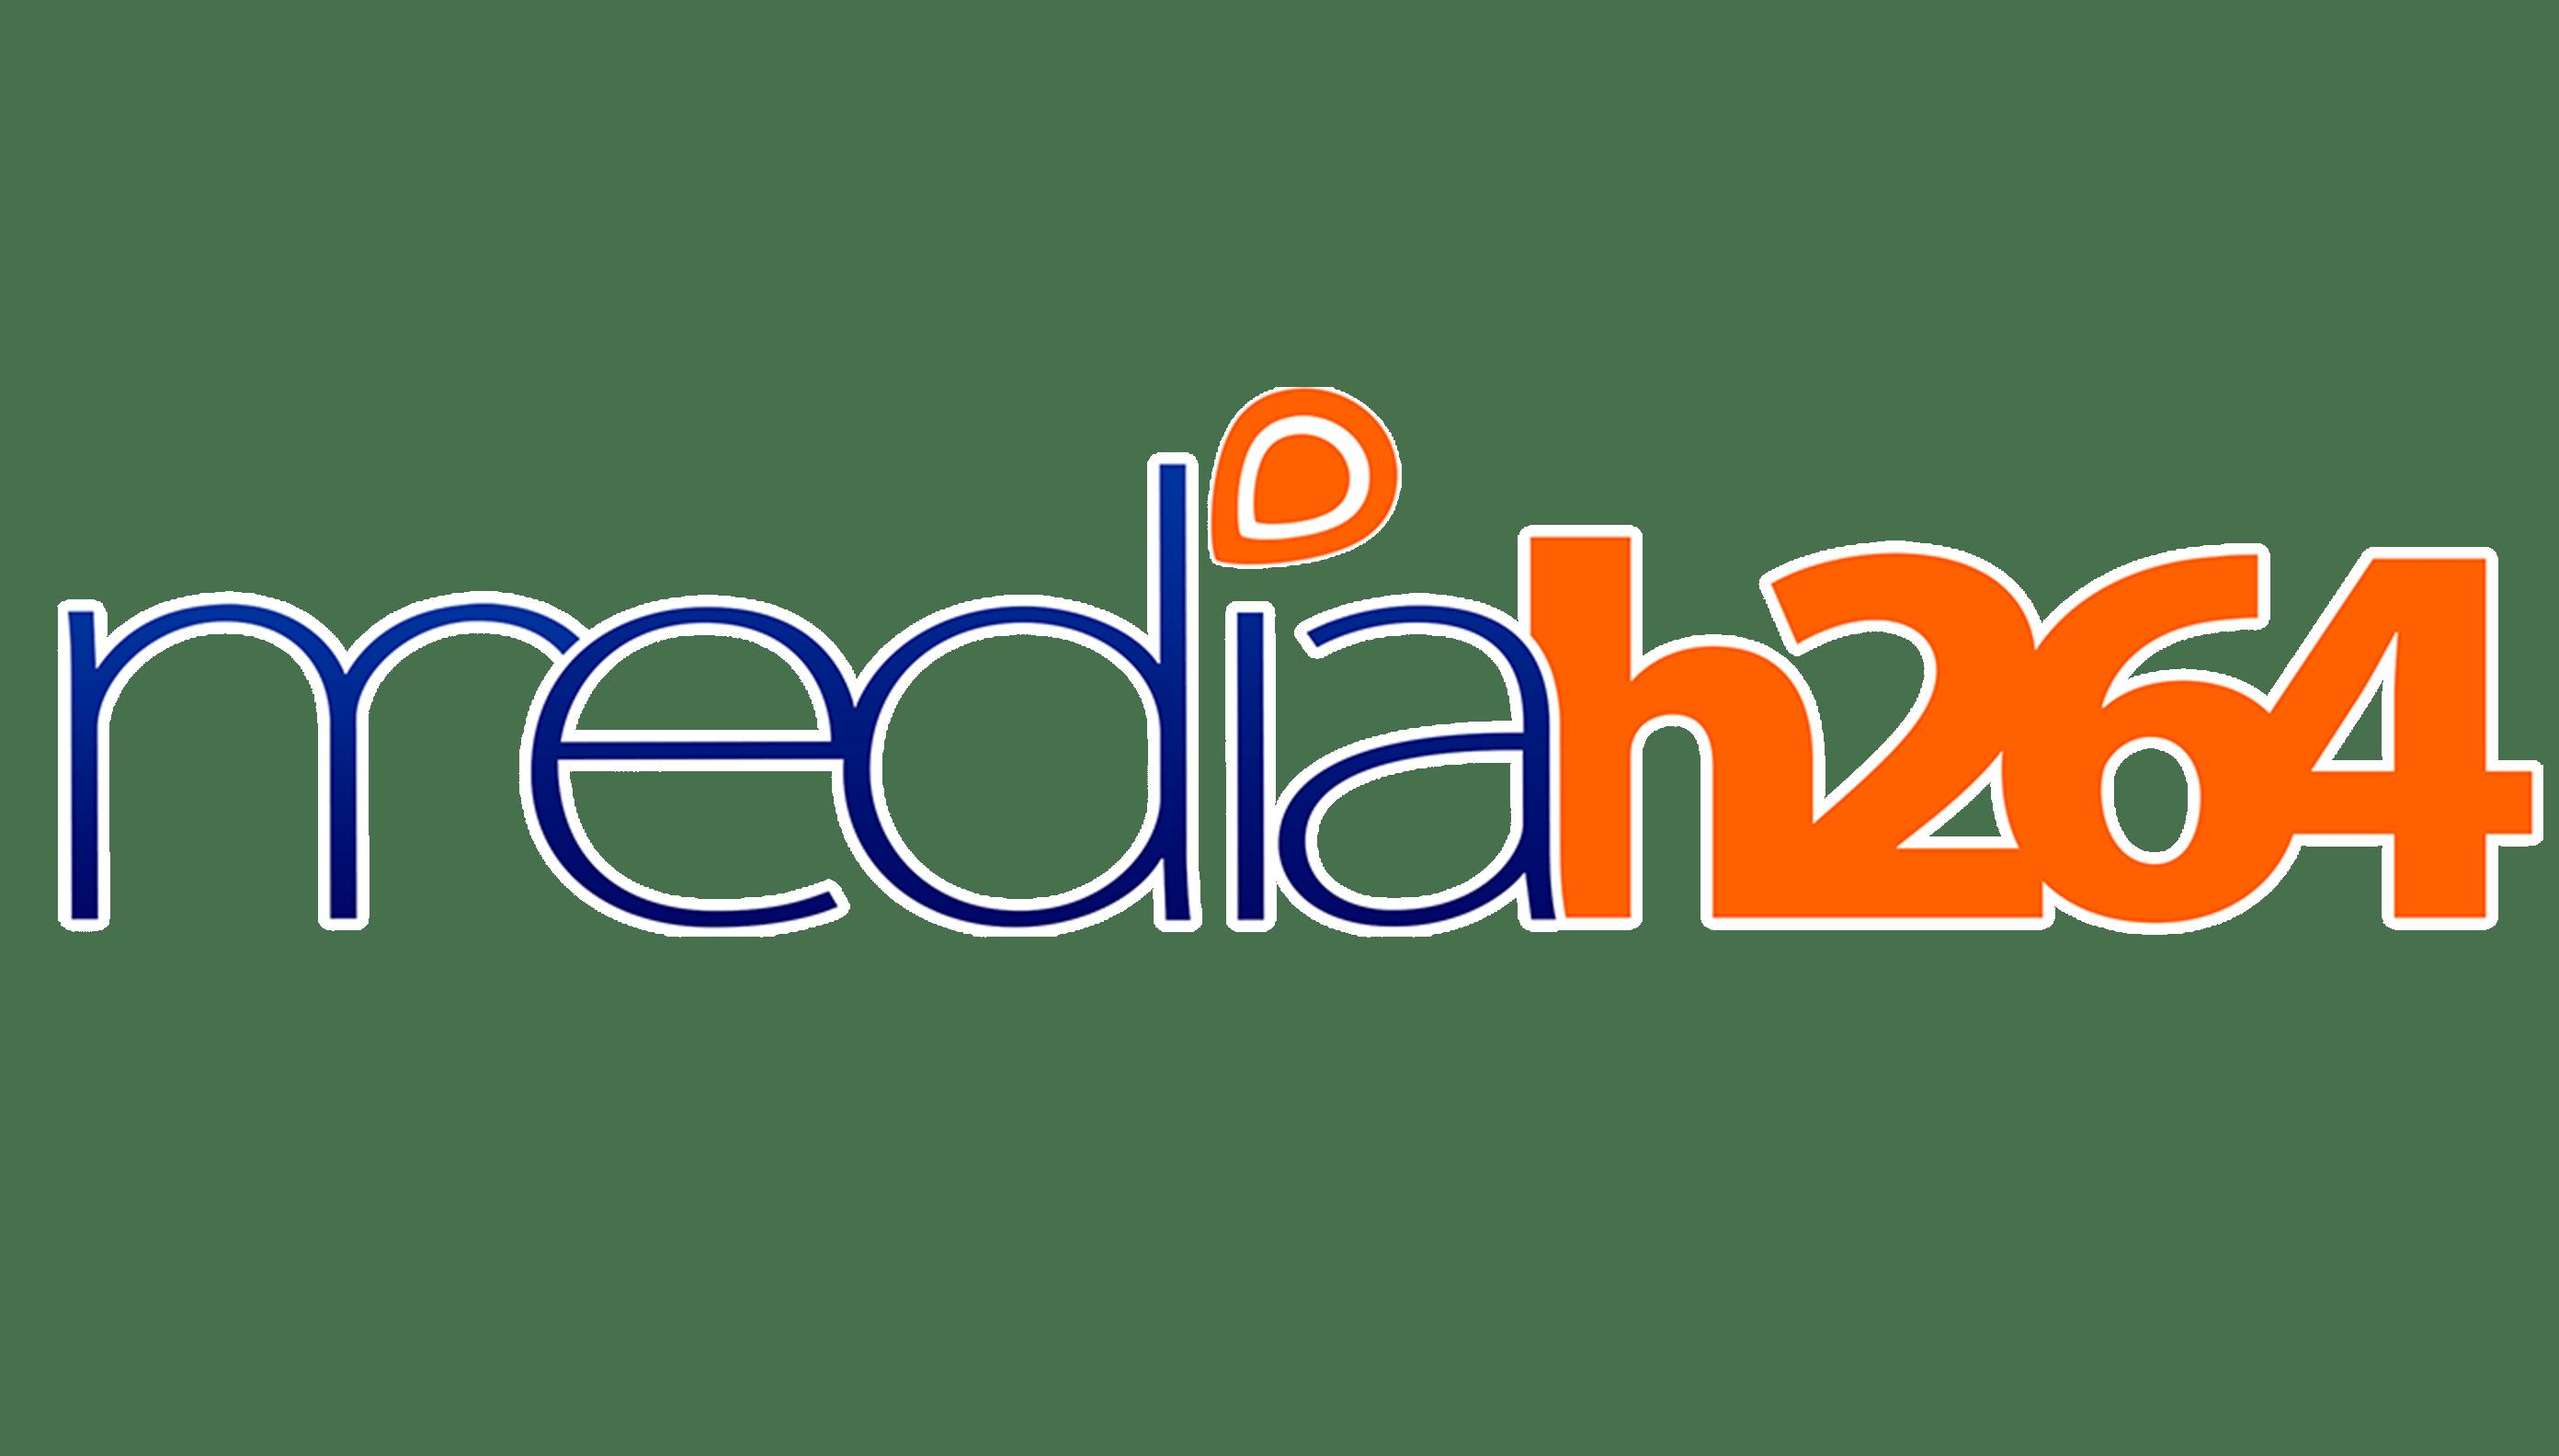 MEDIA H264